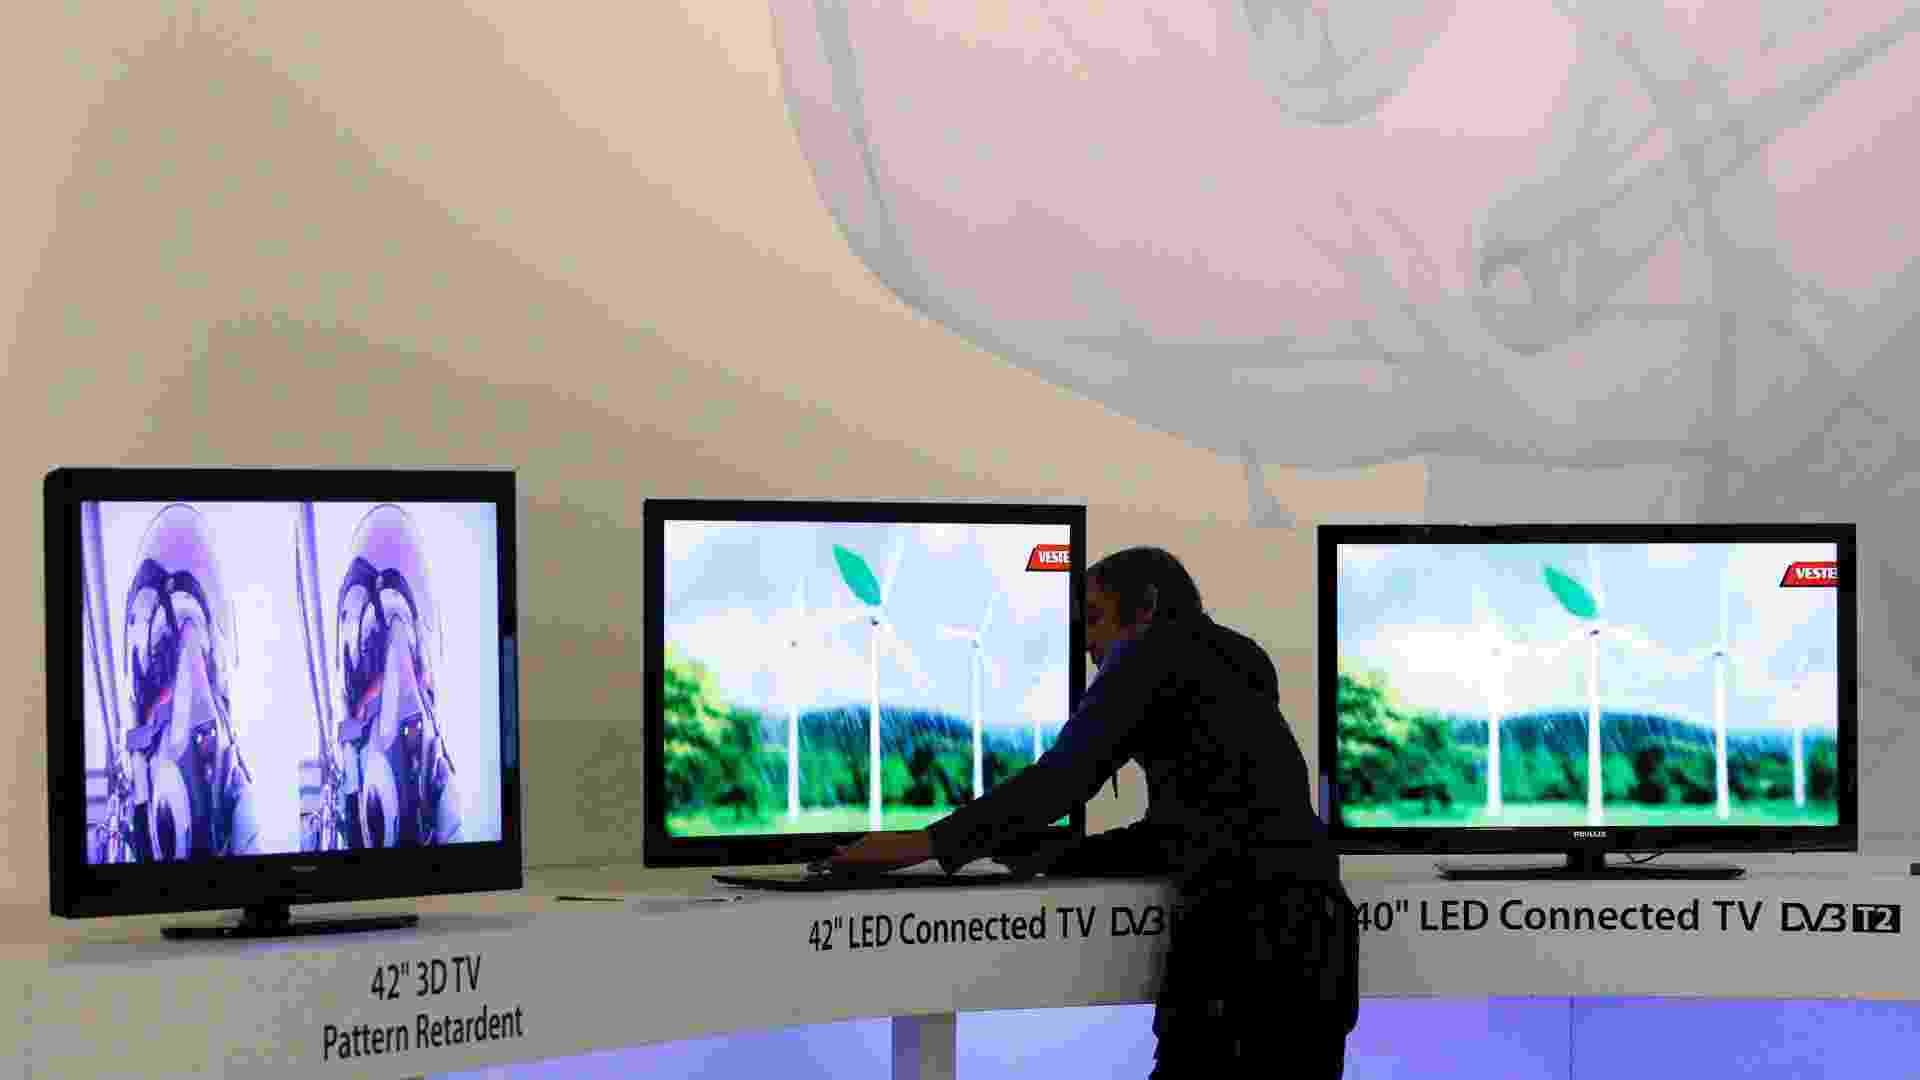 Técnico arruma aparelhos de TV antes da abertura da feira de eletrônicos de consumo IFA, realizada de 2 a 7 de setembro em Berlim - 31.ago.11 - Thomas Peter/Reuters